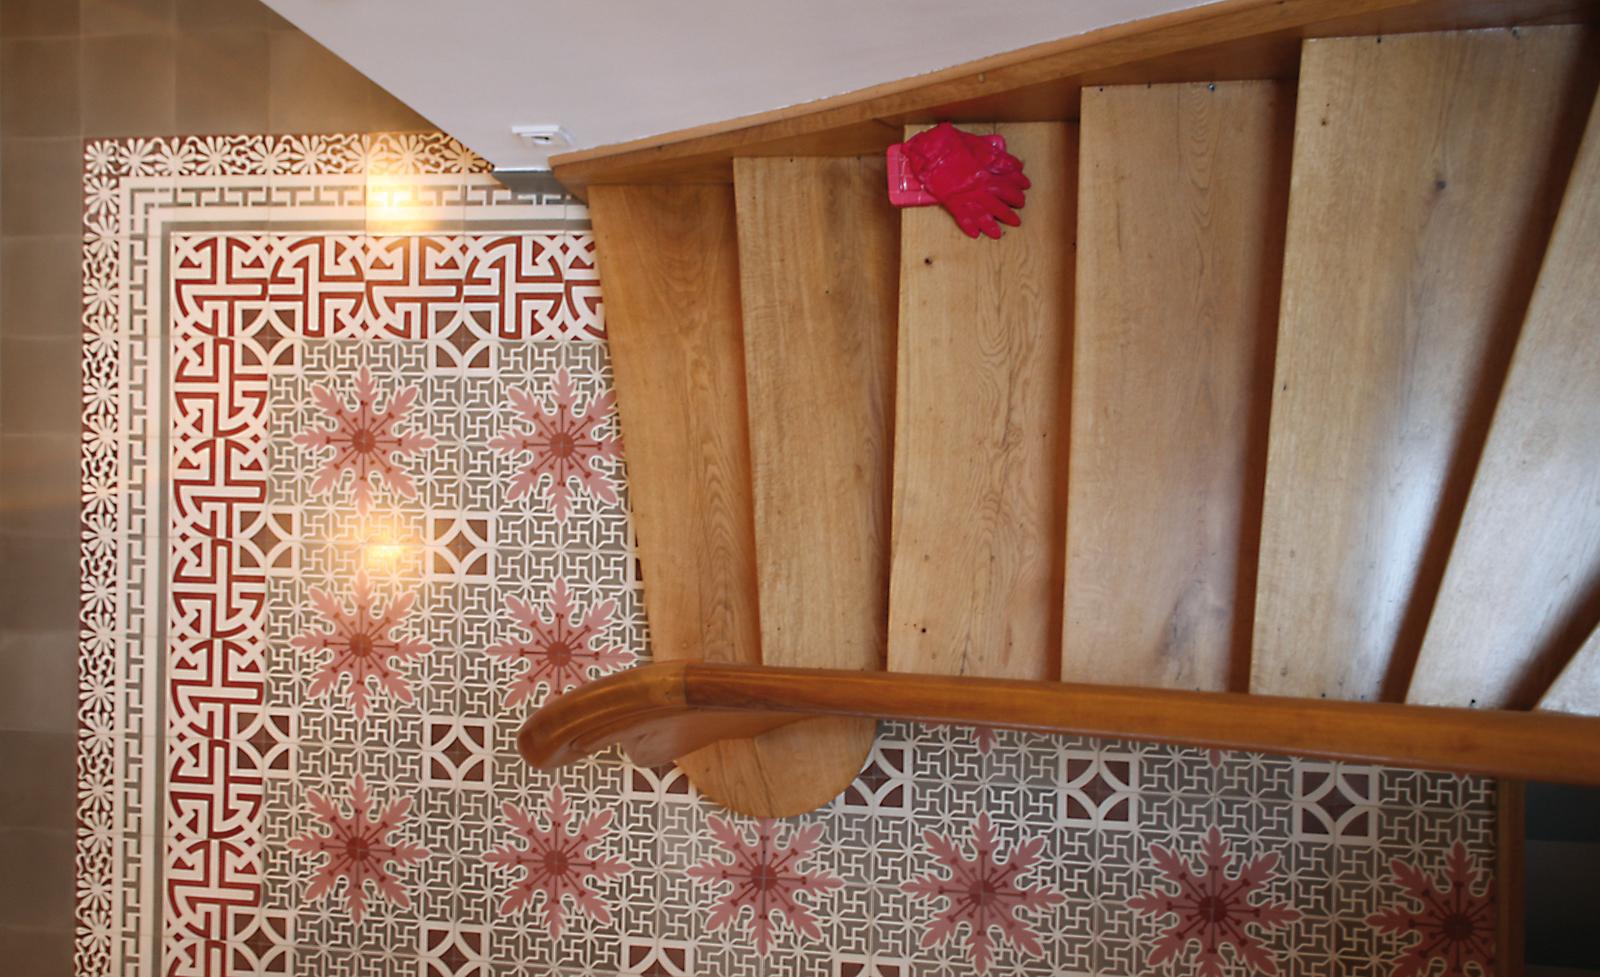 Zementmosaikplatten_nr.51072-flur-treppe-viaplatten | 51072